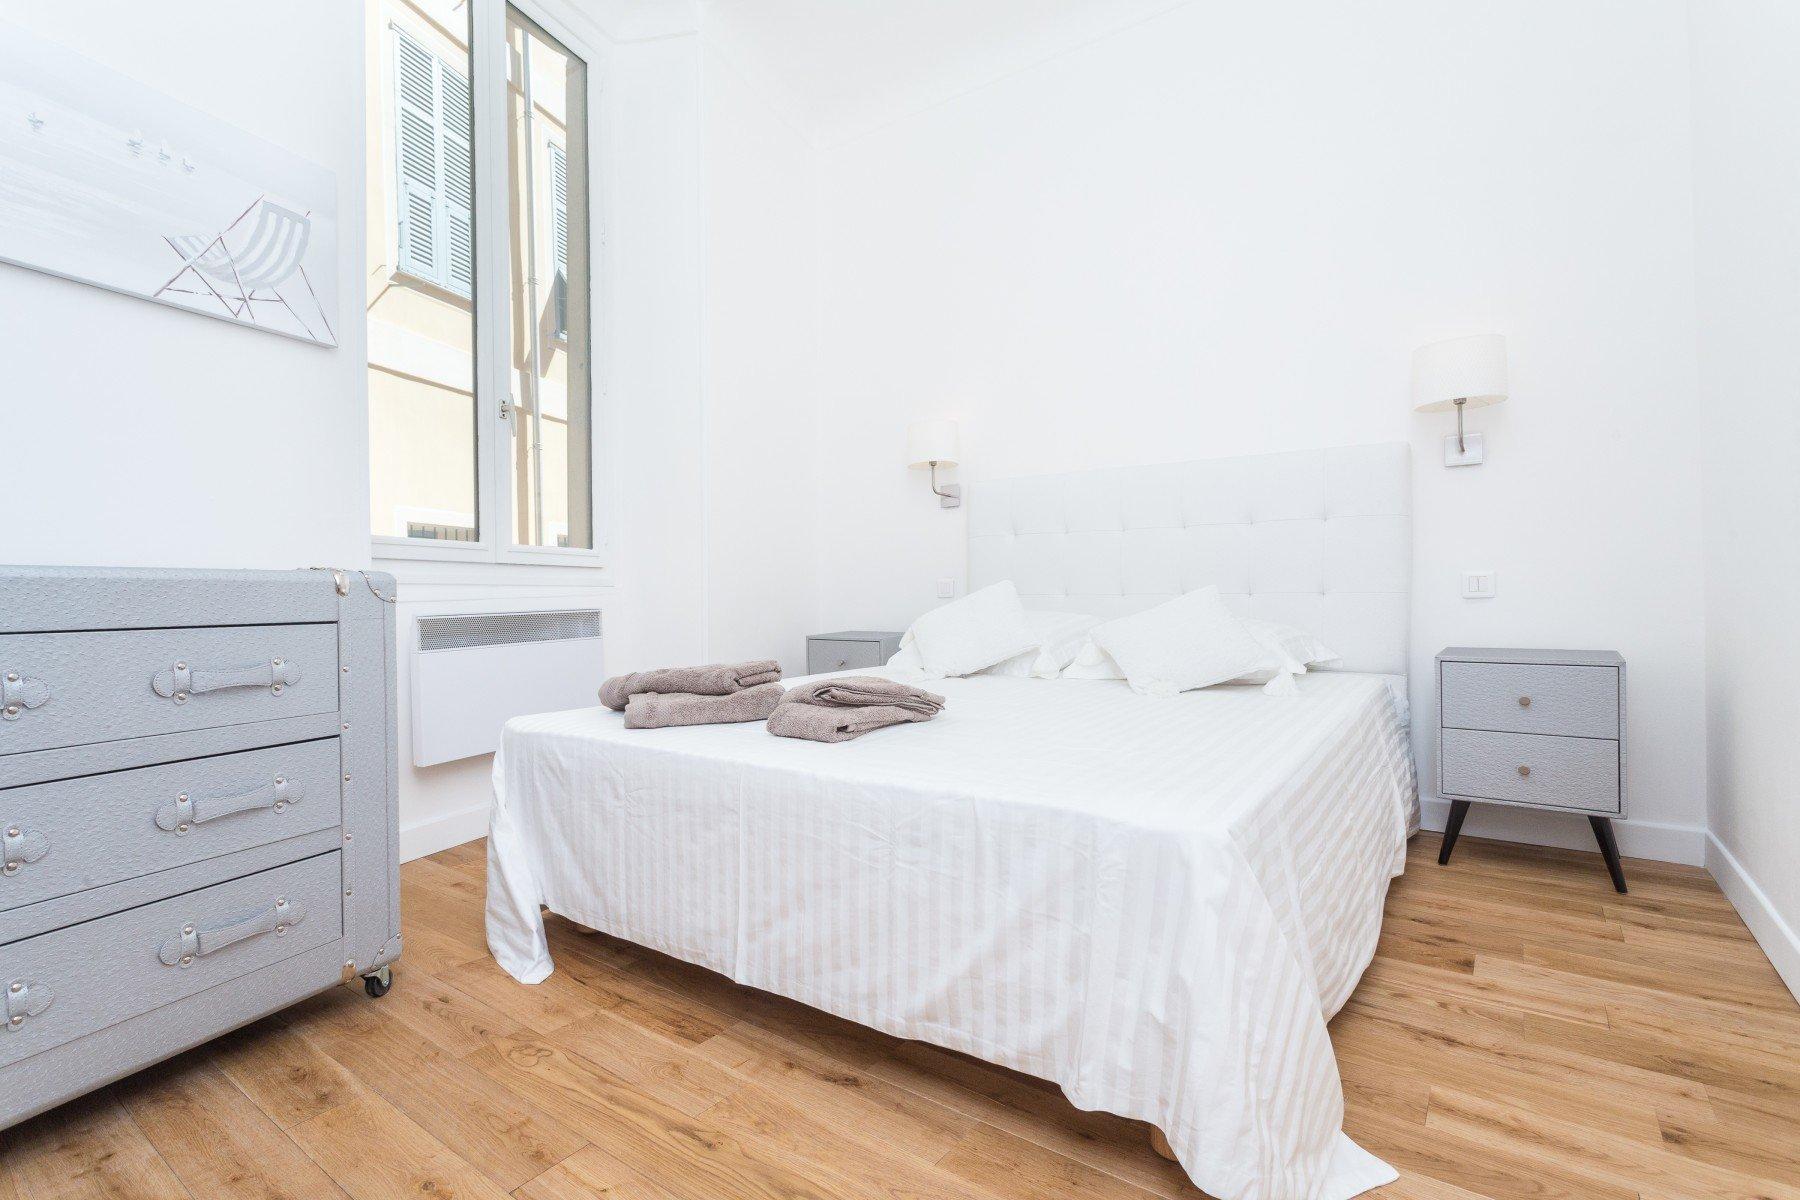 Appartement 3 pièces - Vieux nice